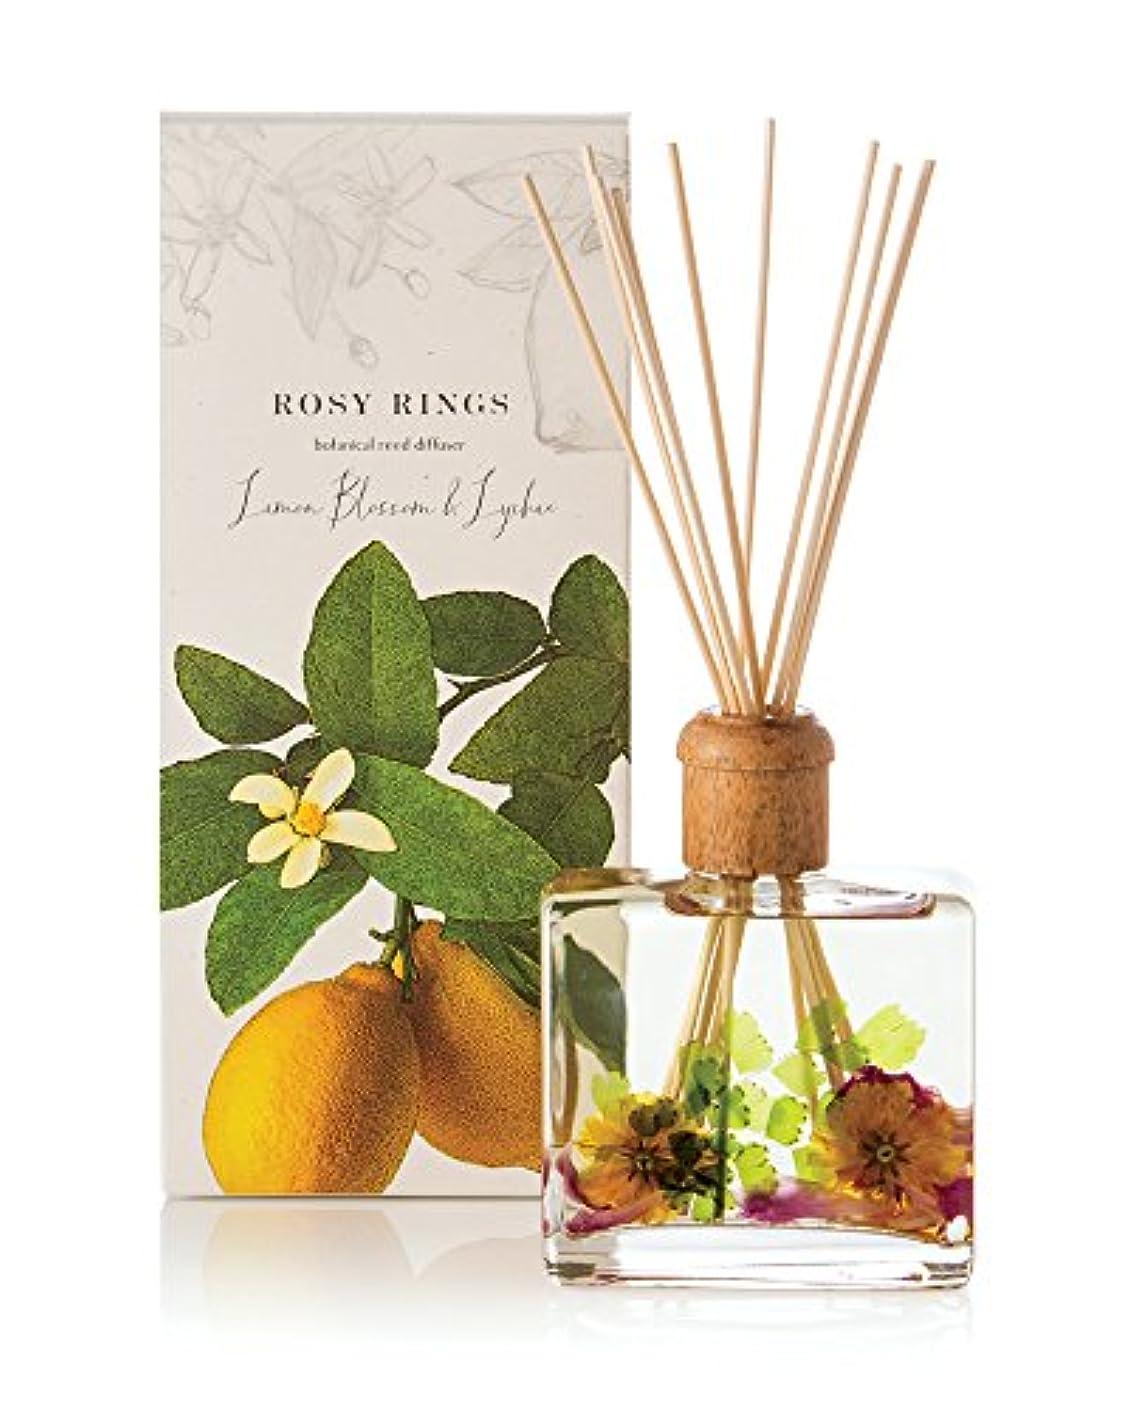 宝石ドローピンポイントロージーリングス ボタニカルリードディフューザー レモンブロッサム&ライチ ROSY RINGS Signature Collection Botanical Reed Diffuser – Lemon Blossom...